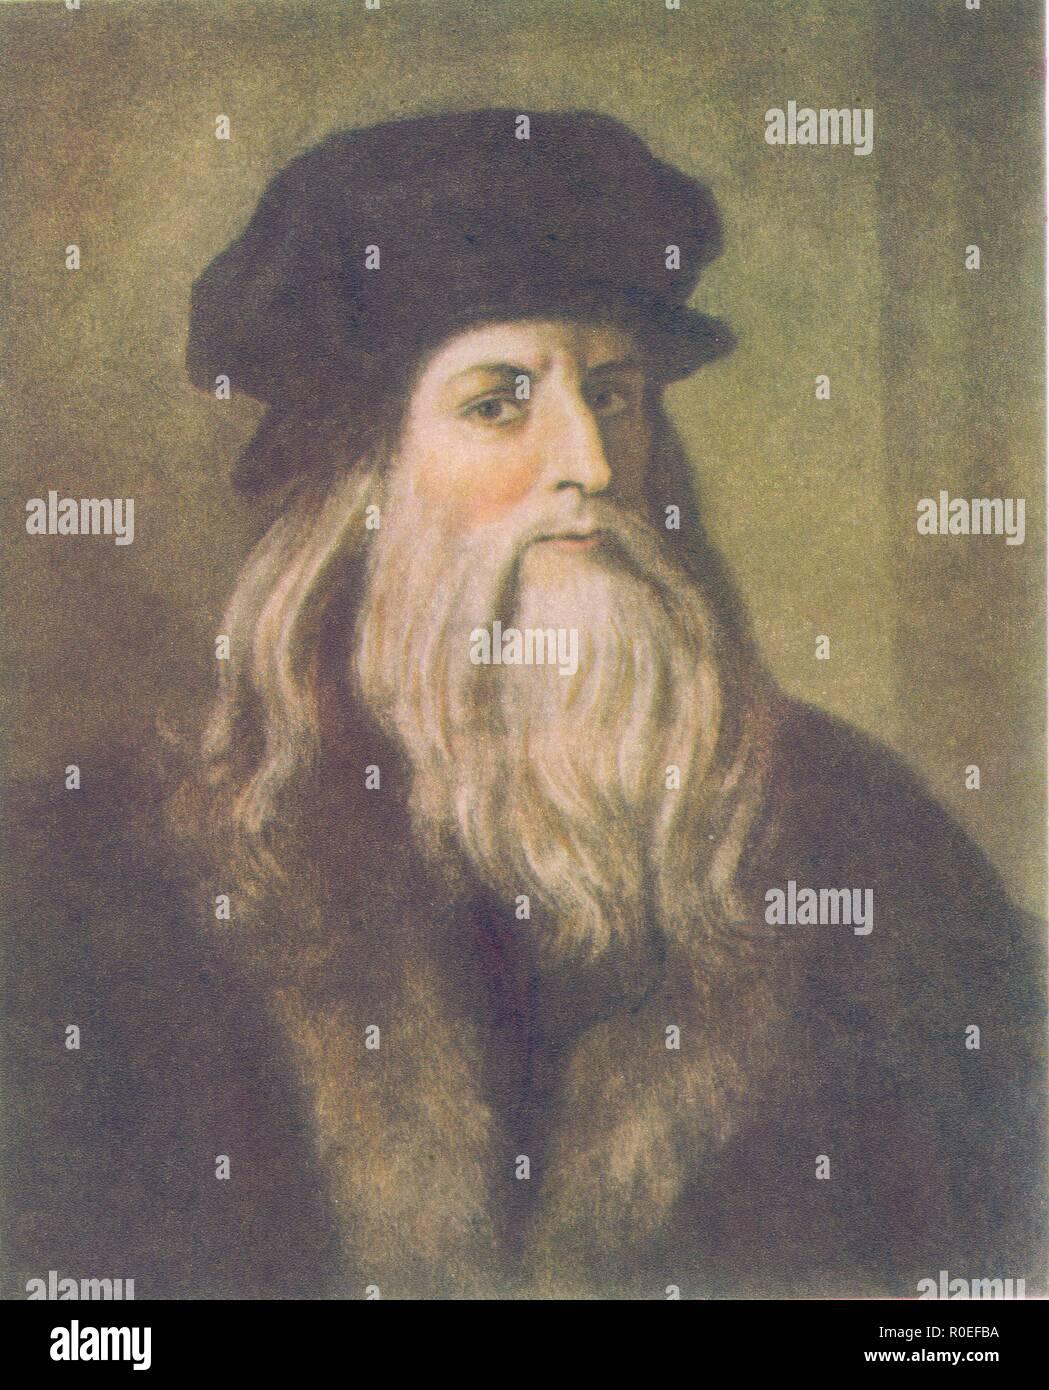 Leonardo Da Vinci Self Portrait Stock Photo Alamy